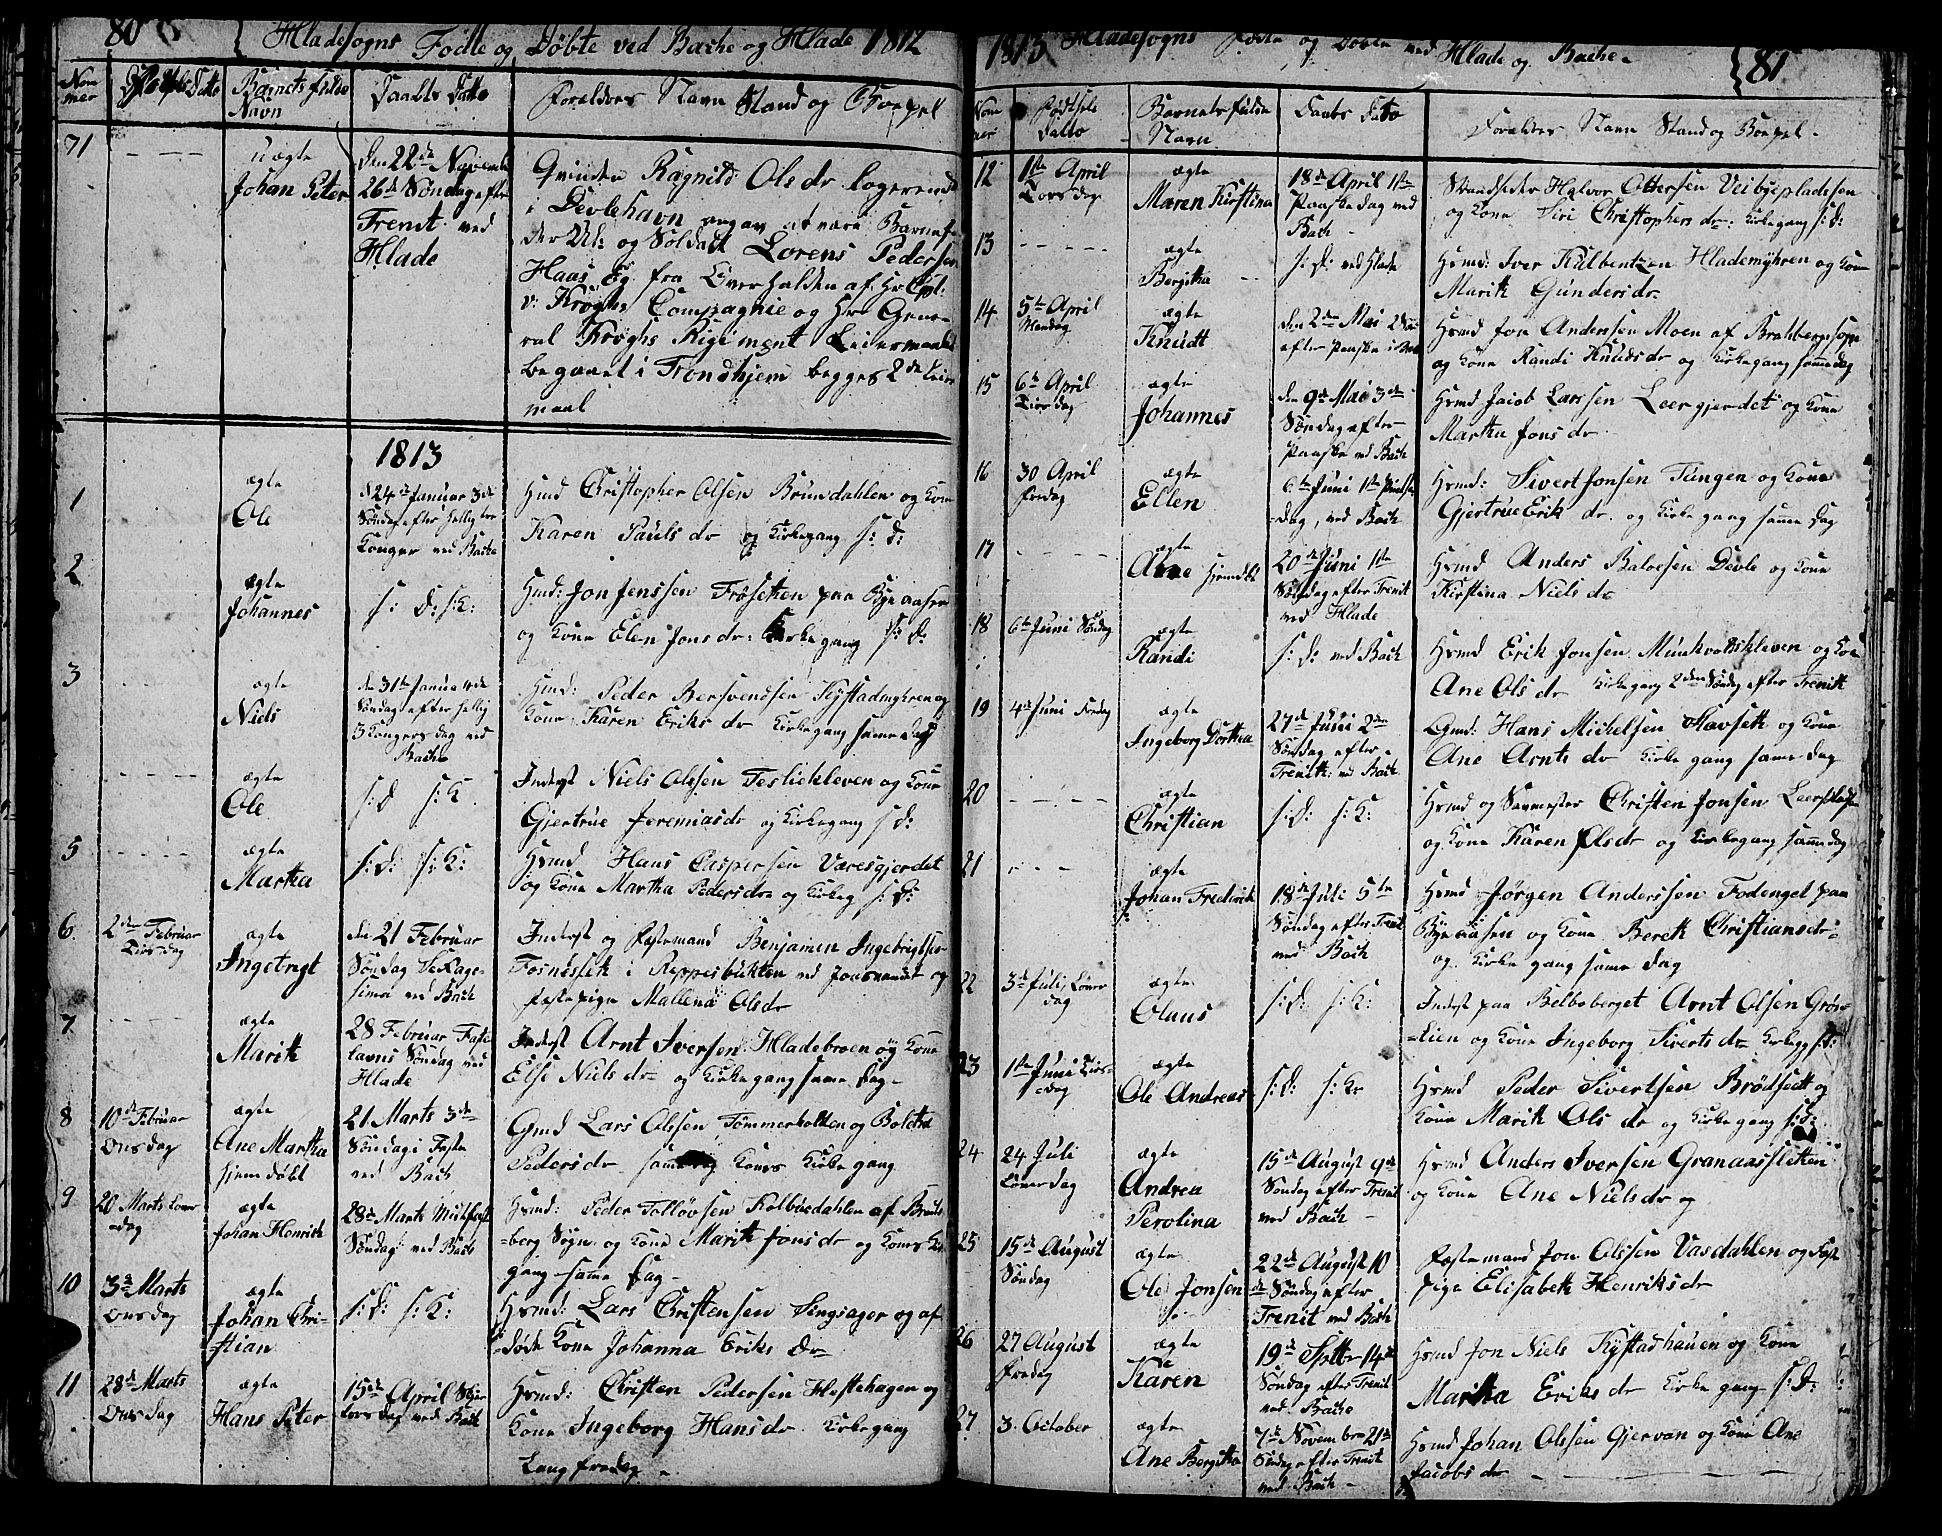 SAT, Ministerialprotokoller, klokkerbøker og fødselsregistre - Sør-Trøndelag, 606/L0306: Klokkerbok nr. 606C02, 1797-1829, s. 80-81